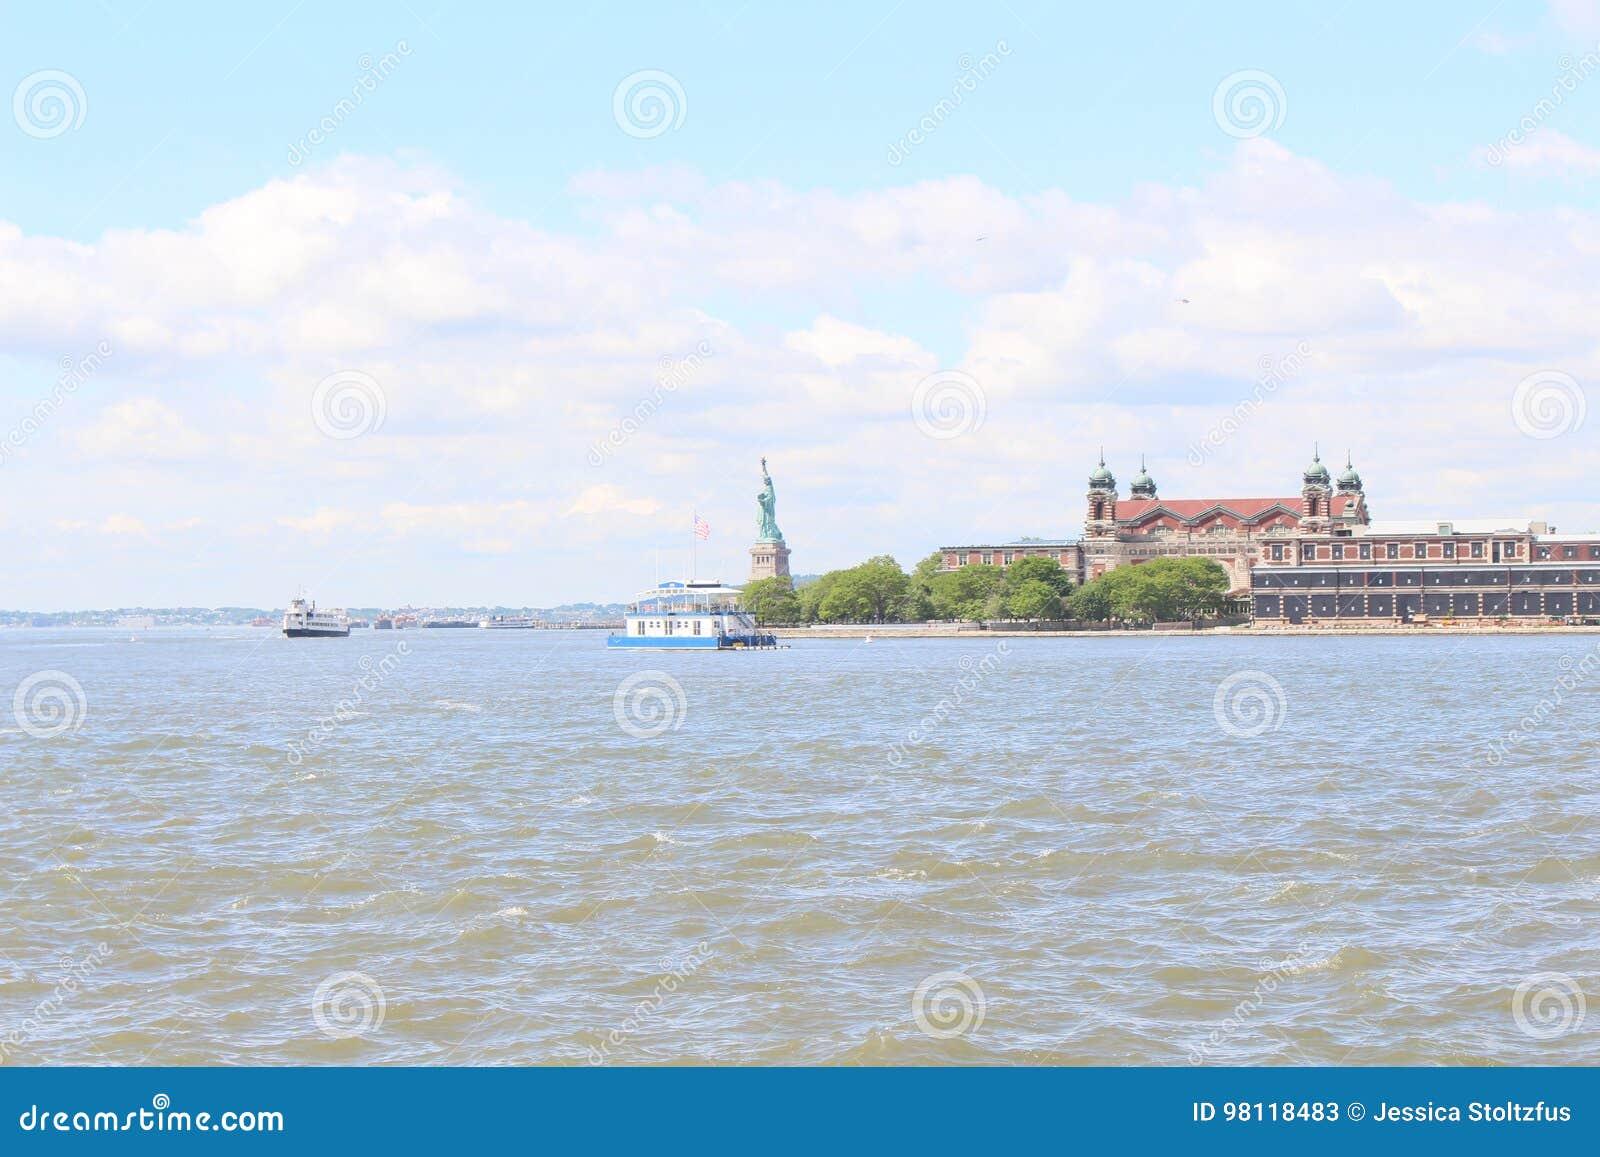 Ellis Island Statue of Liberty Clipart - Clip Art Bay